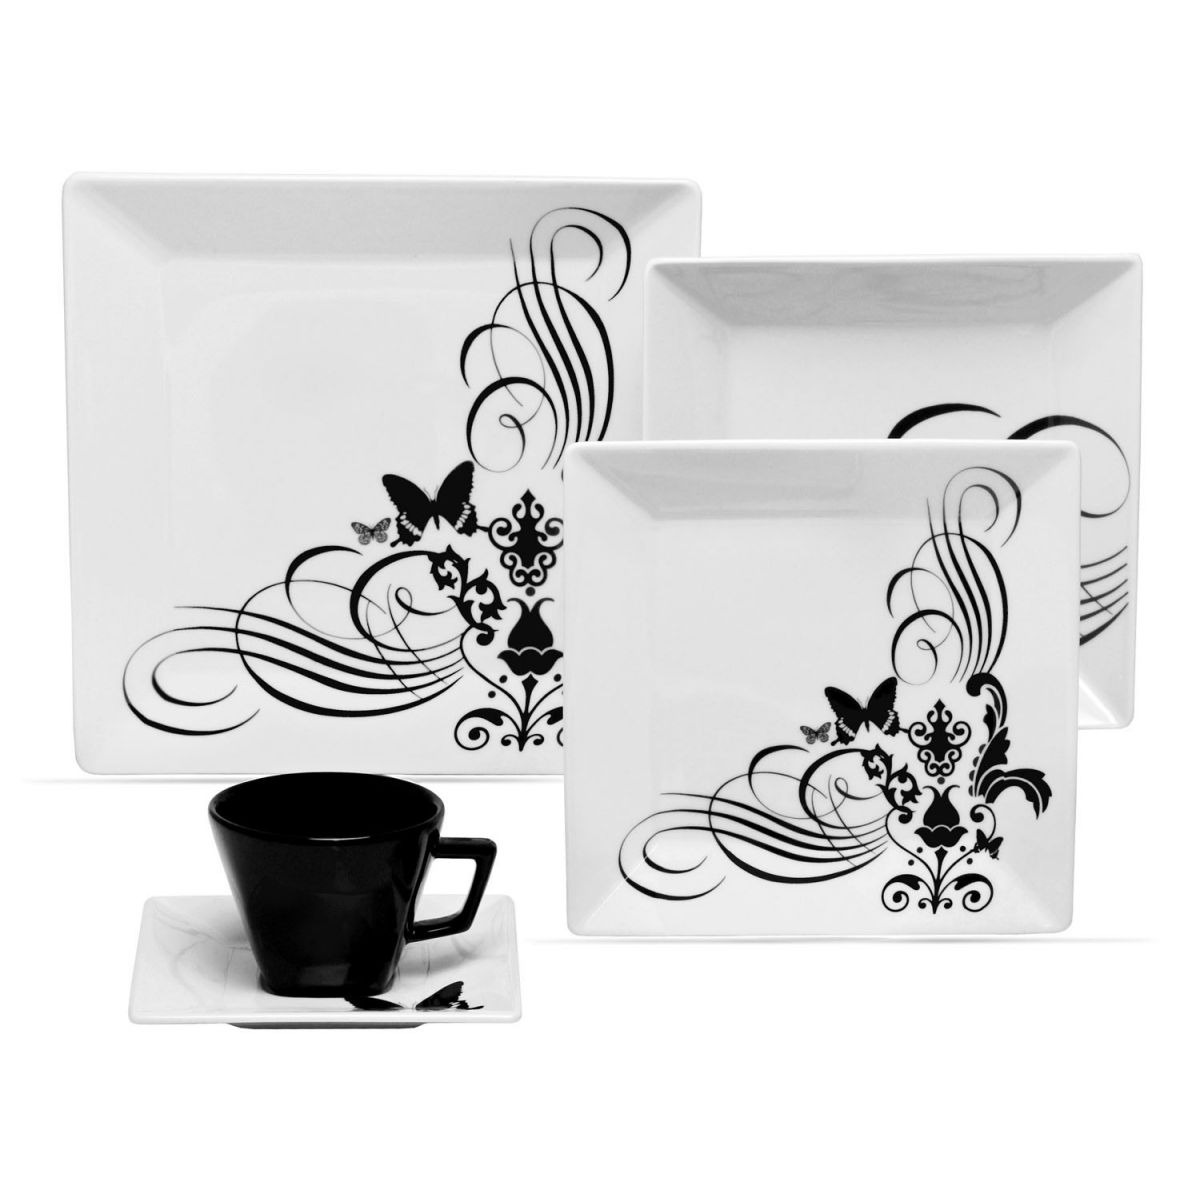 Aparelho De Jantar Em Porcelana 42 Peà §as Schmidt Pictures to  #666666 1200x1200